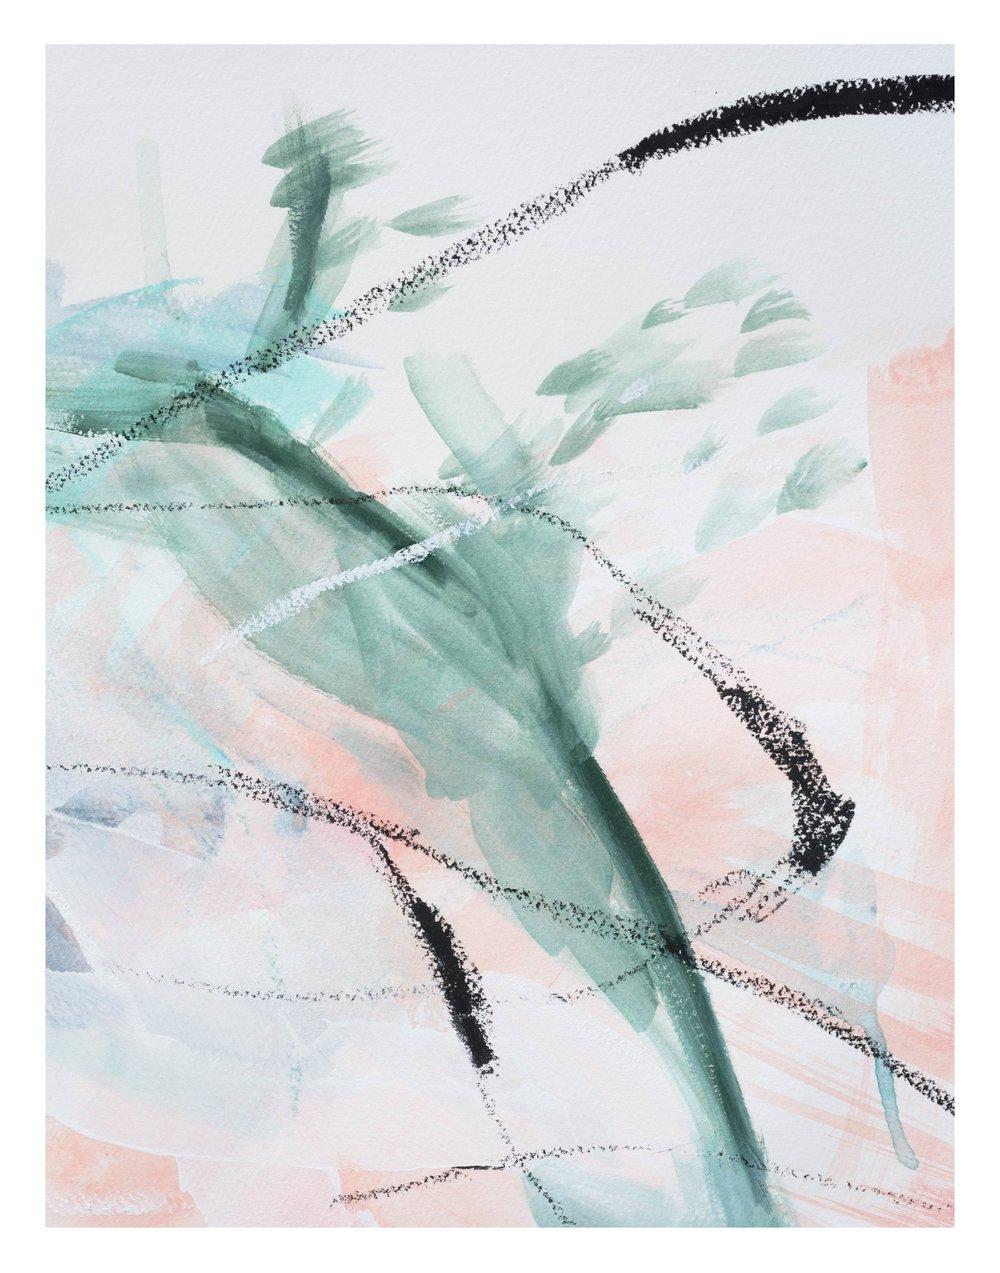 Prints+fall+2017-03.jpg